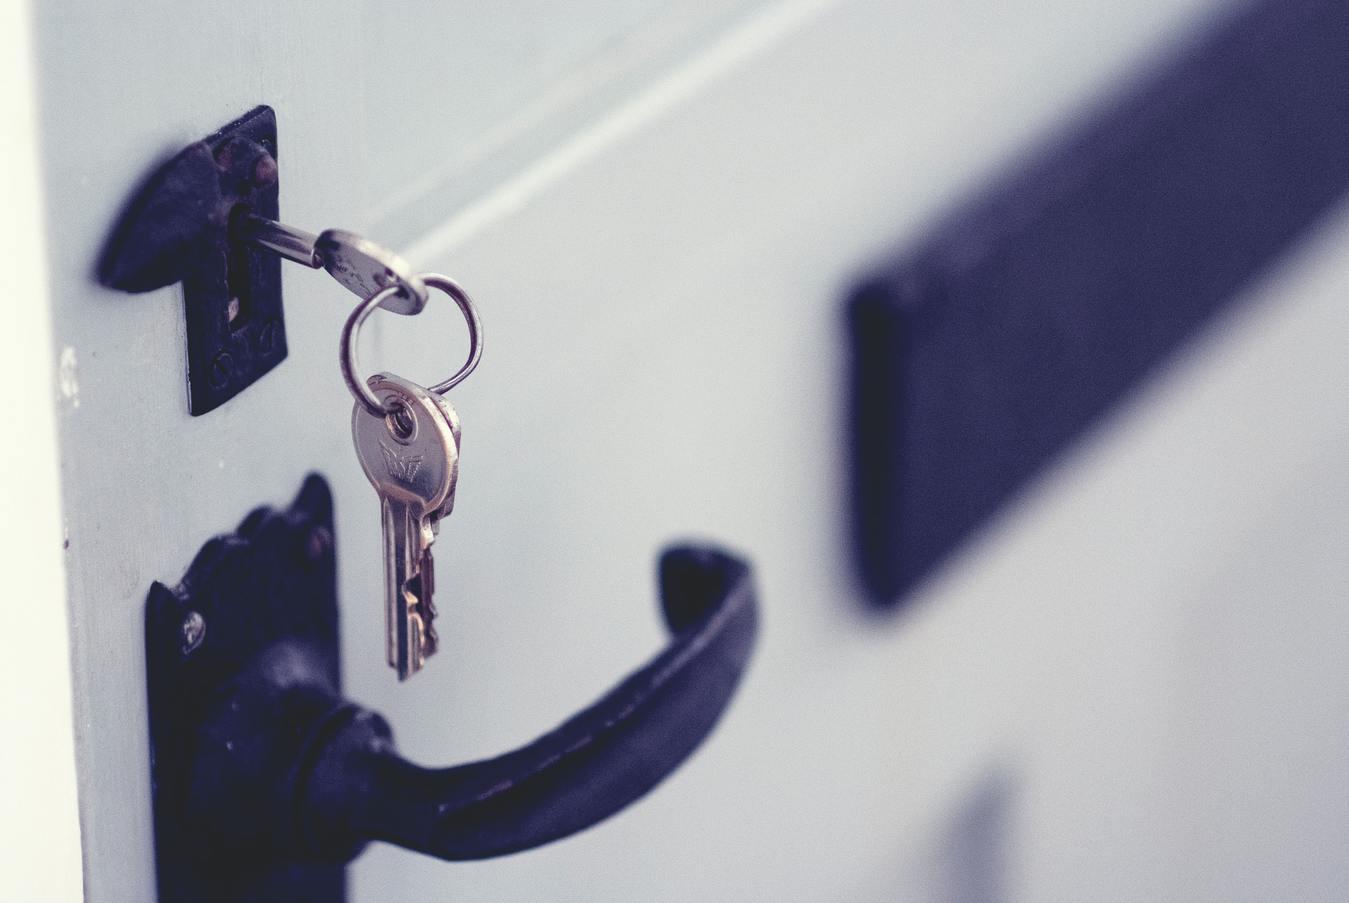 Chiavi appese alla serratura di una porta